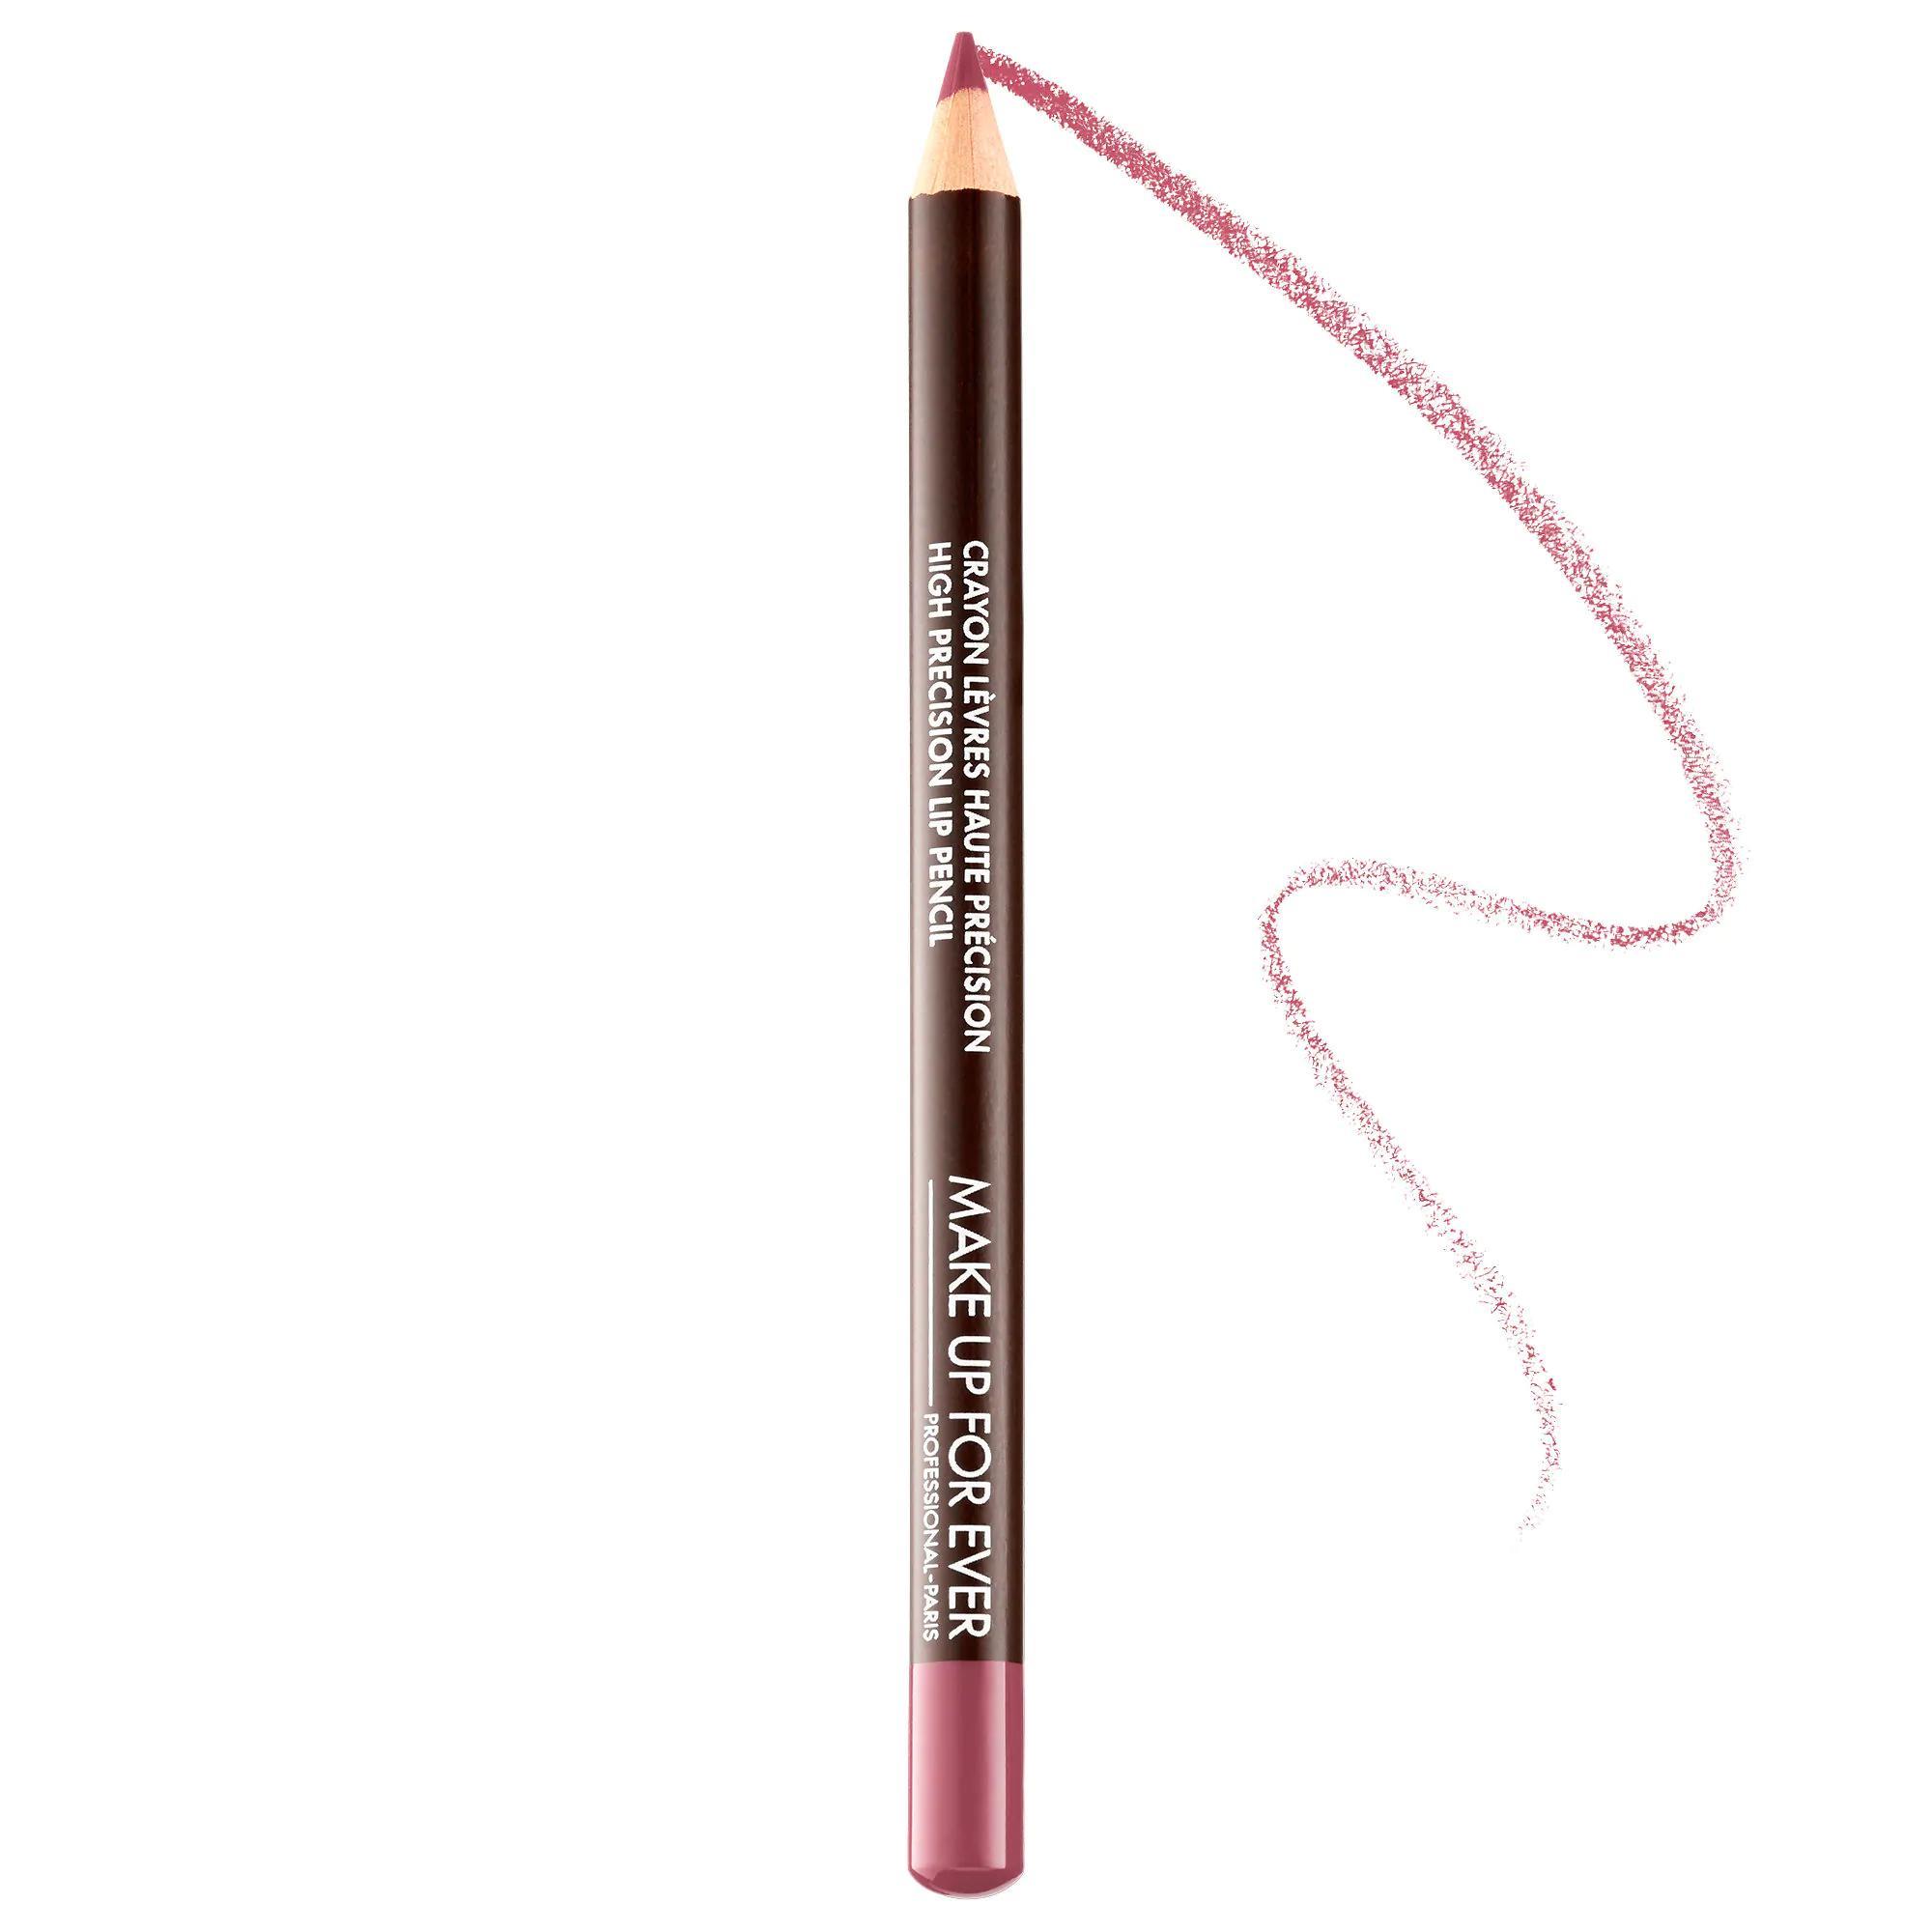 Makeup Forever High Precision Lip Pencil No. 13